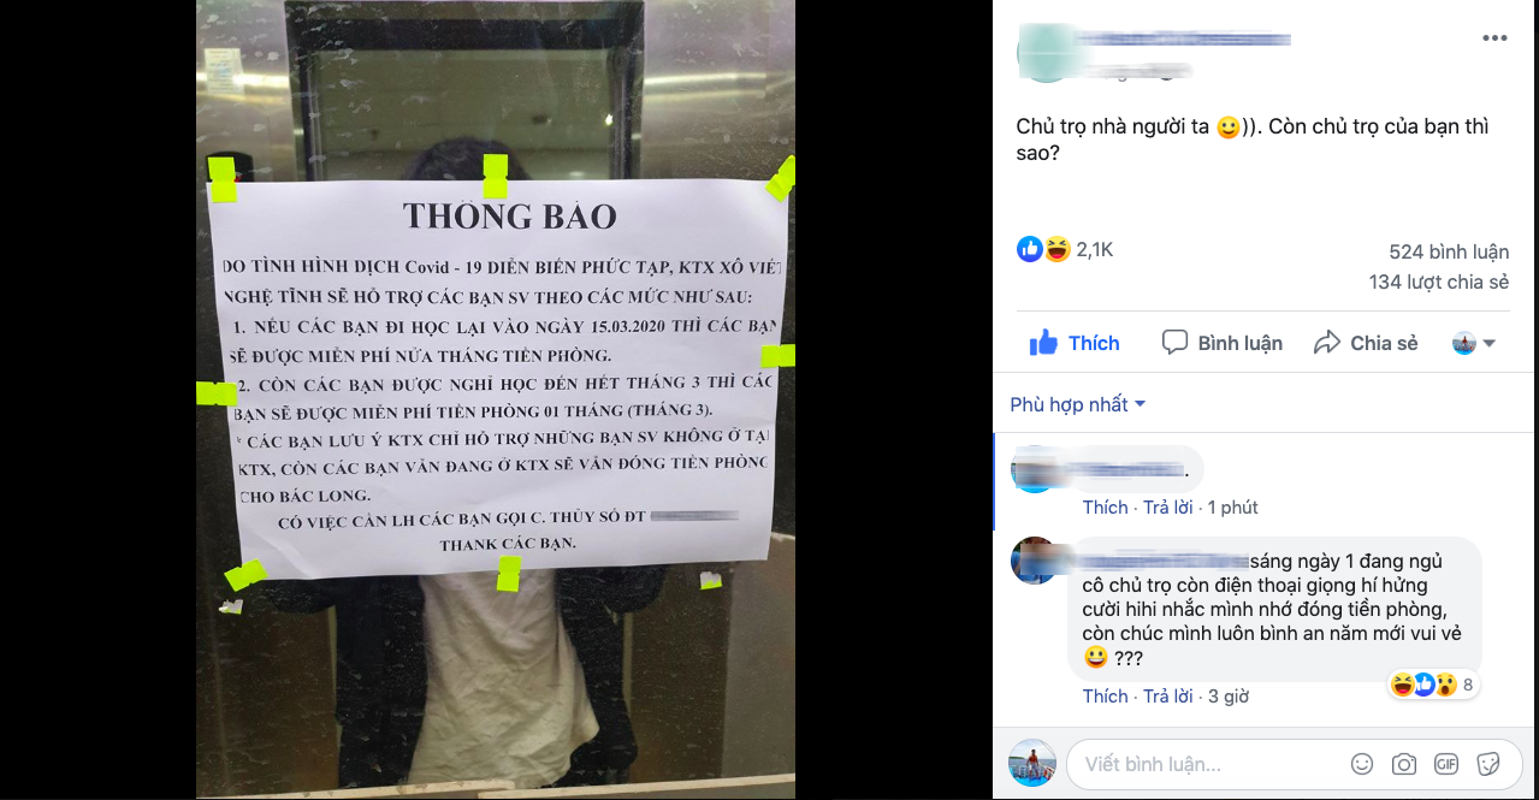 """Chu tro """"don tim"""" khi thong bao sieu co tam trong mua dich COVID-19-Hinh-10"""